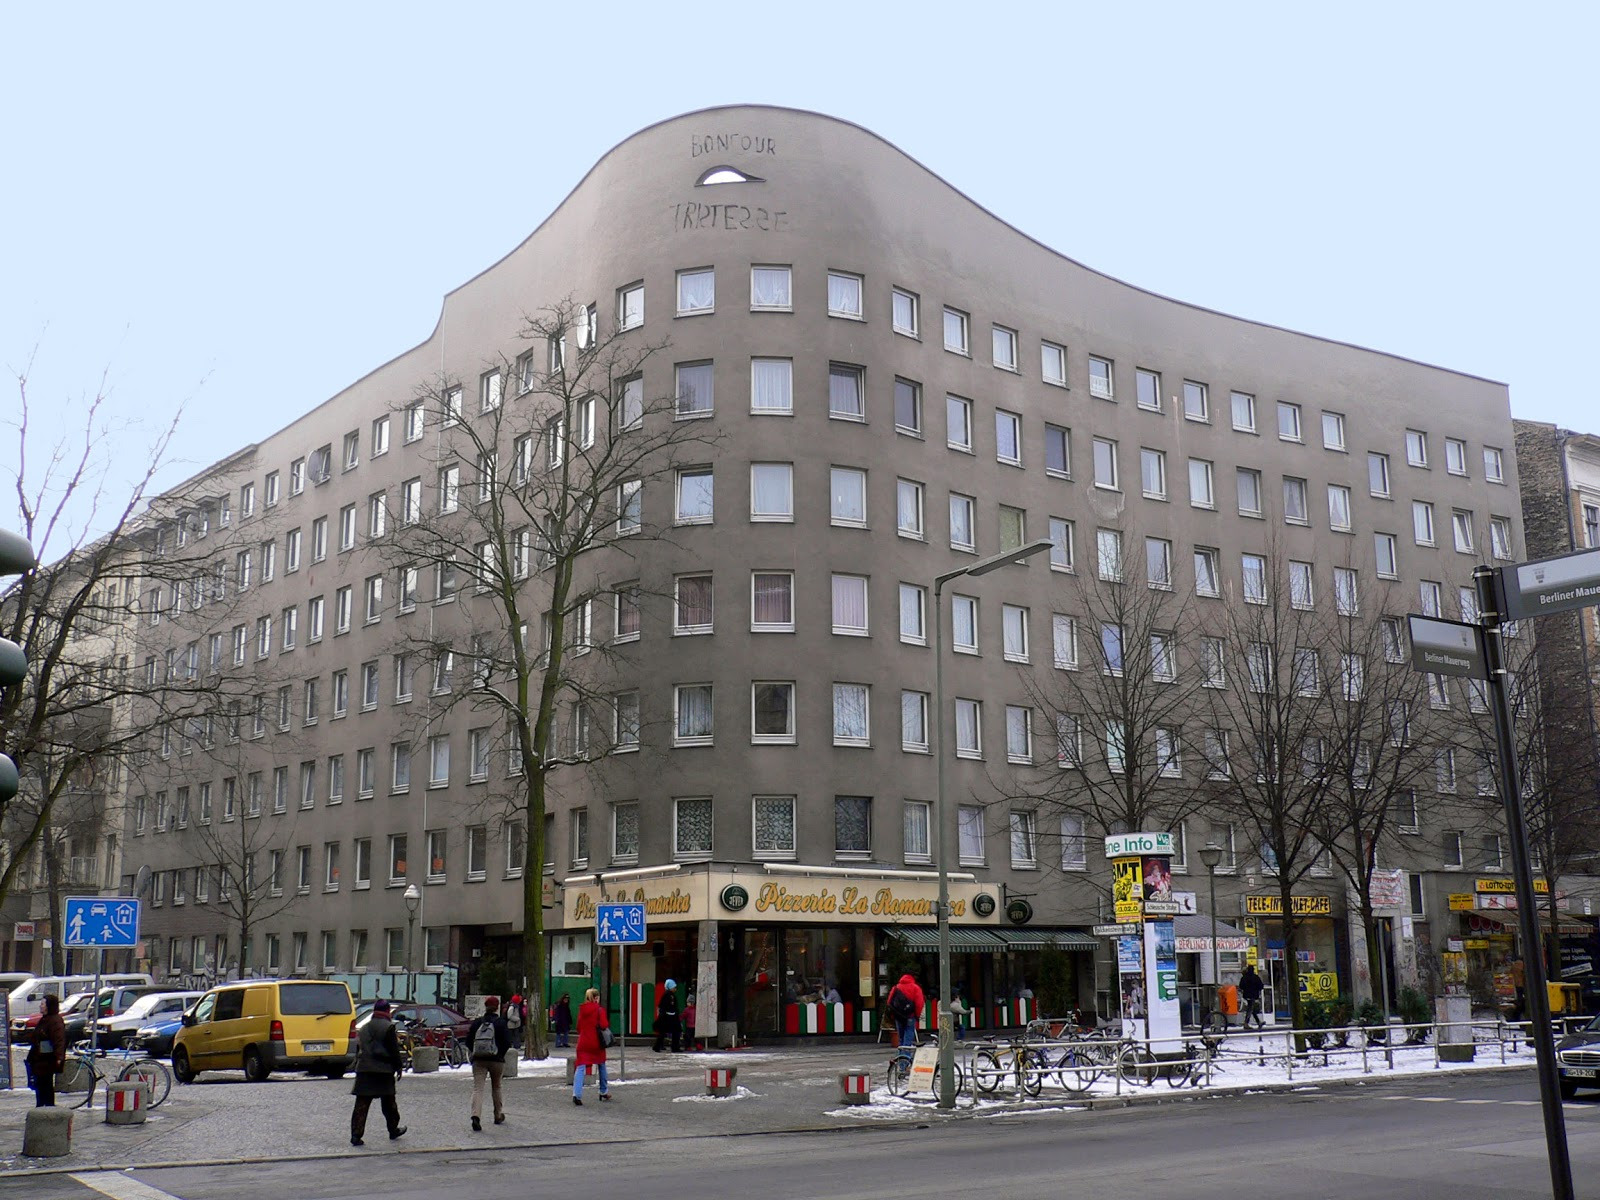 Immeuble dhabitation Bonjour tristesse , Berlin-Kreuzberg, Allemagne